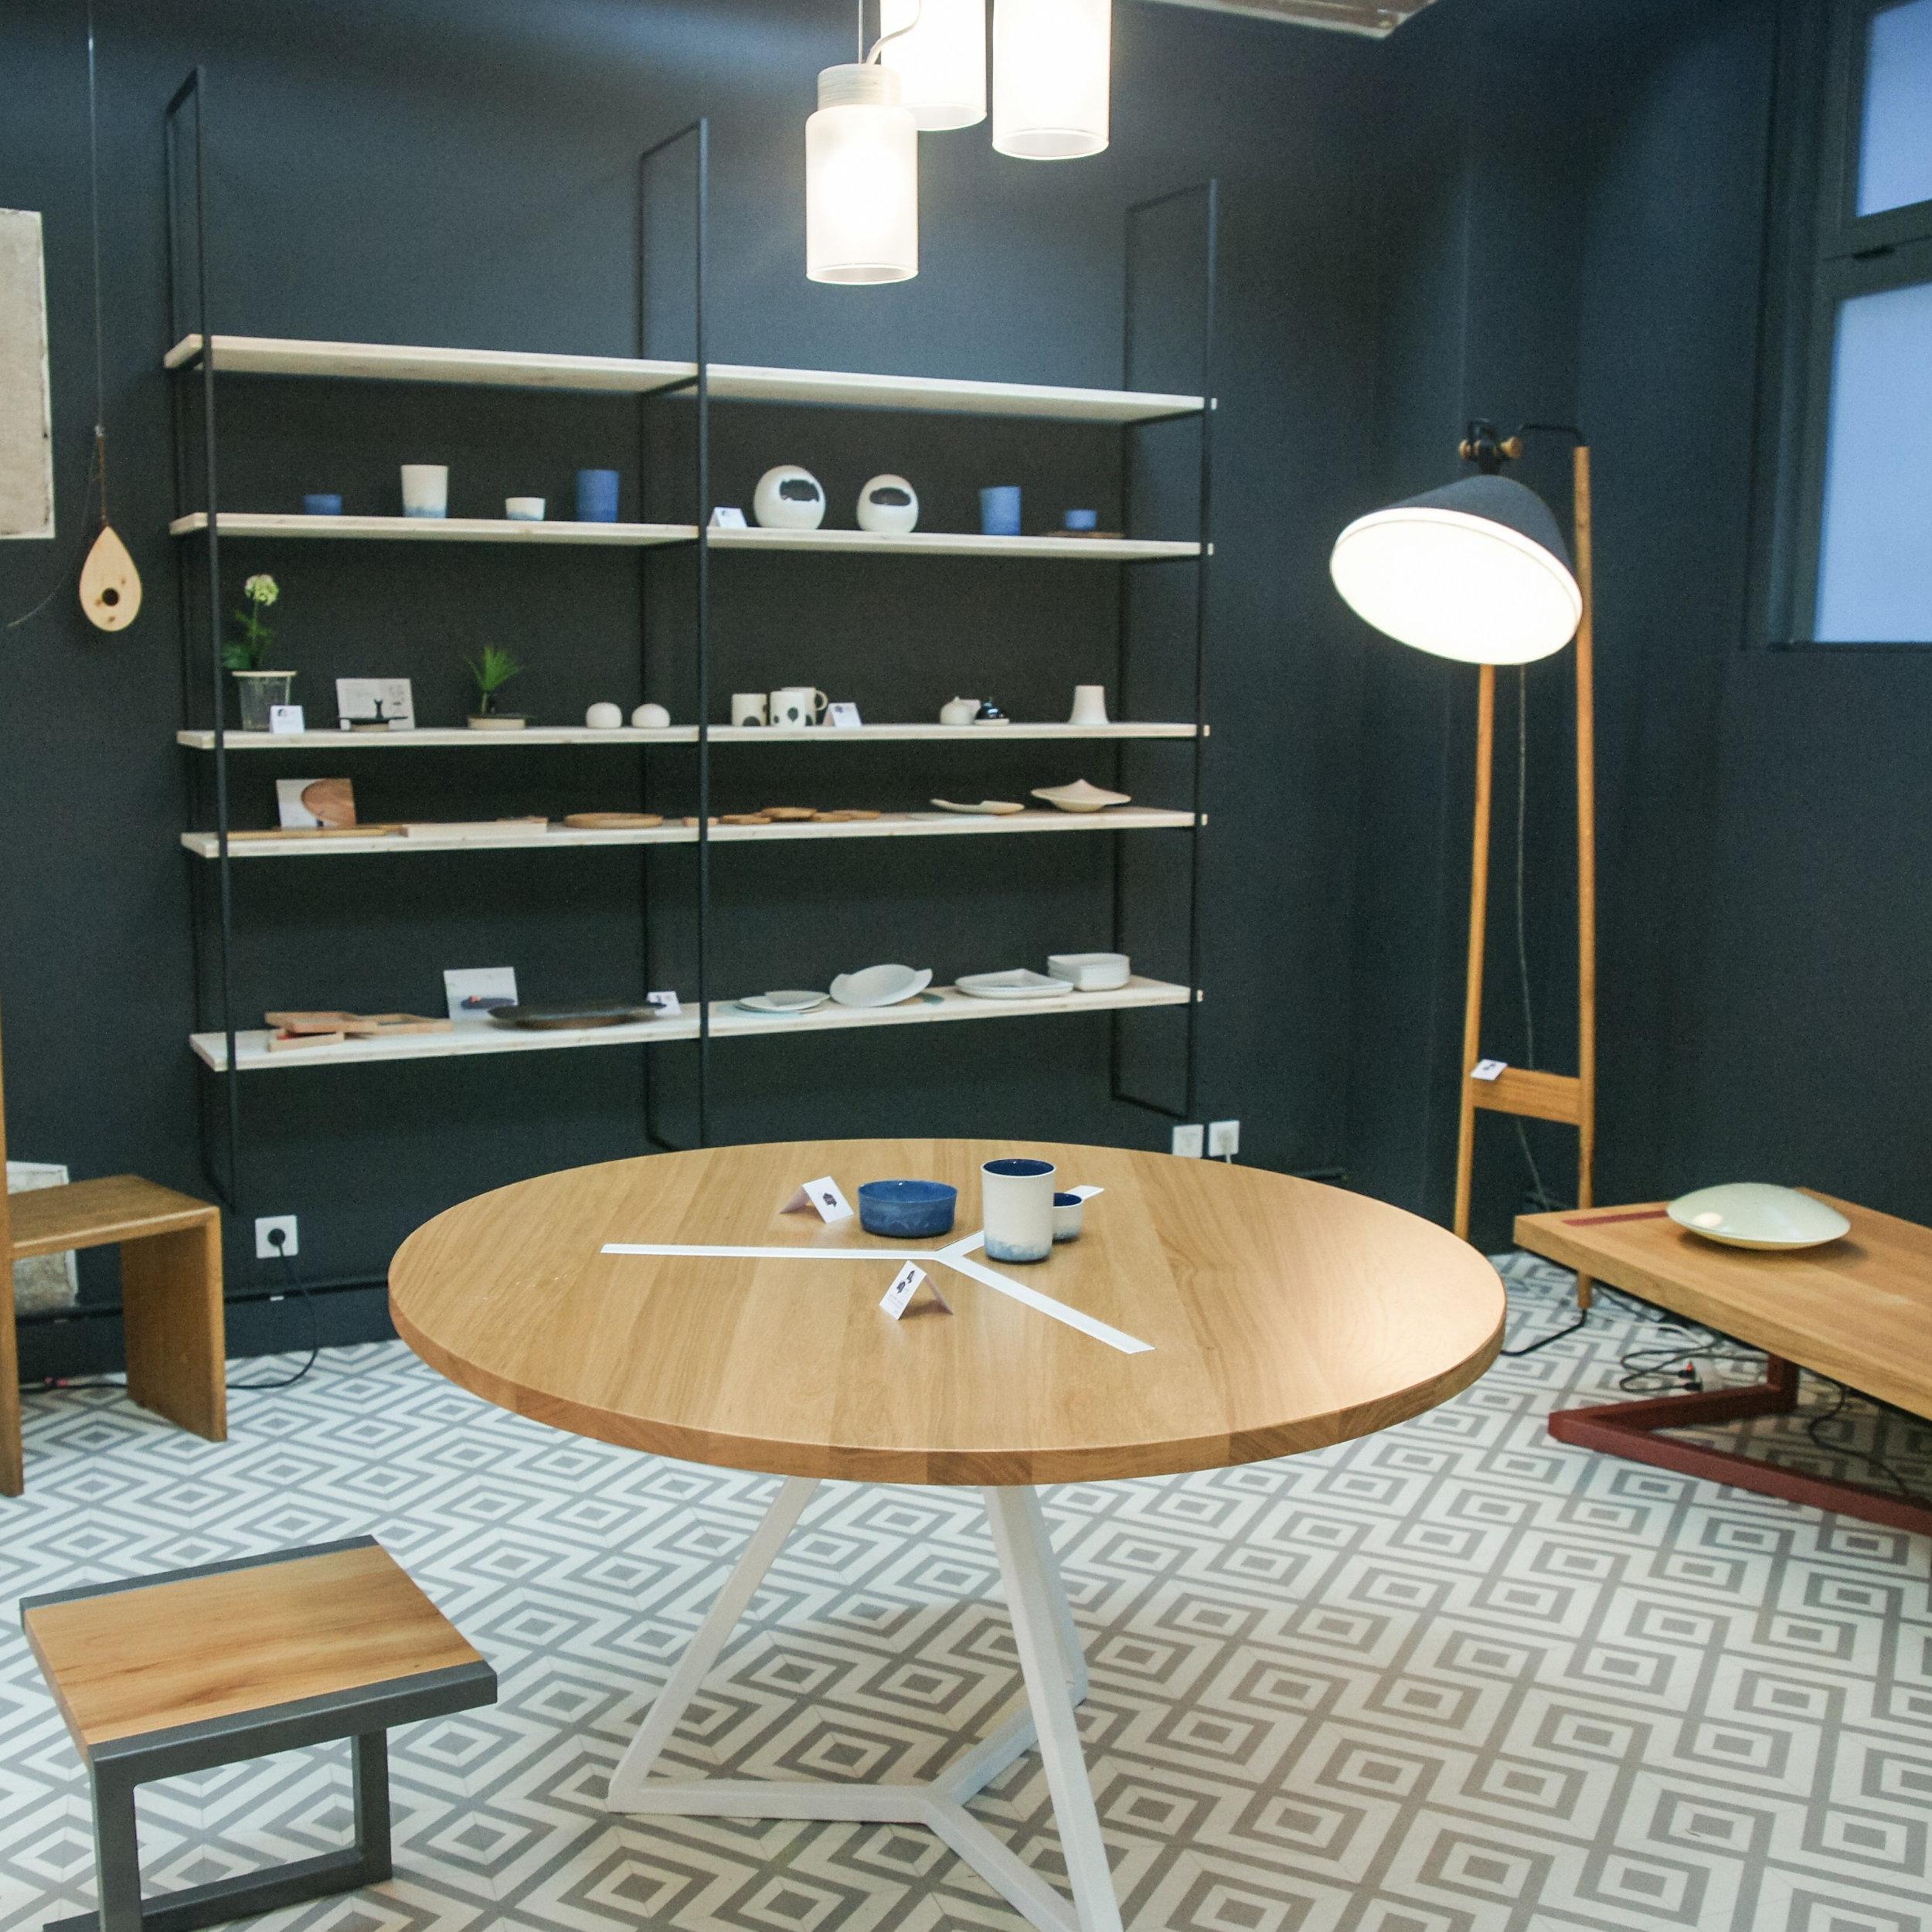 Collectifmade in France - 9 Rue française 75002* fermé le 31 juillet 2018